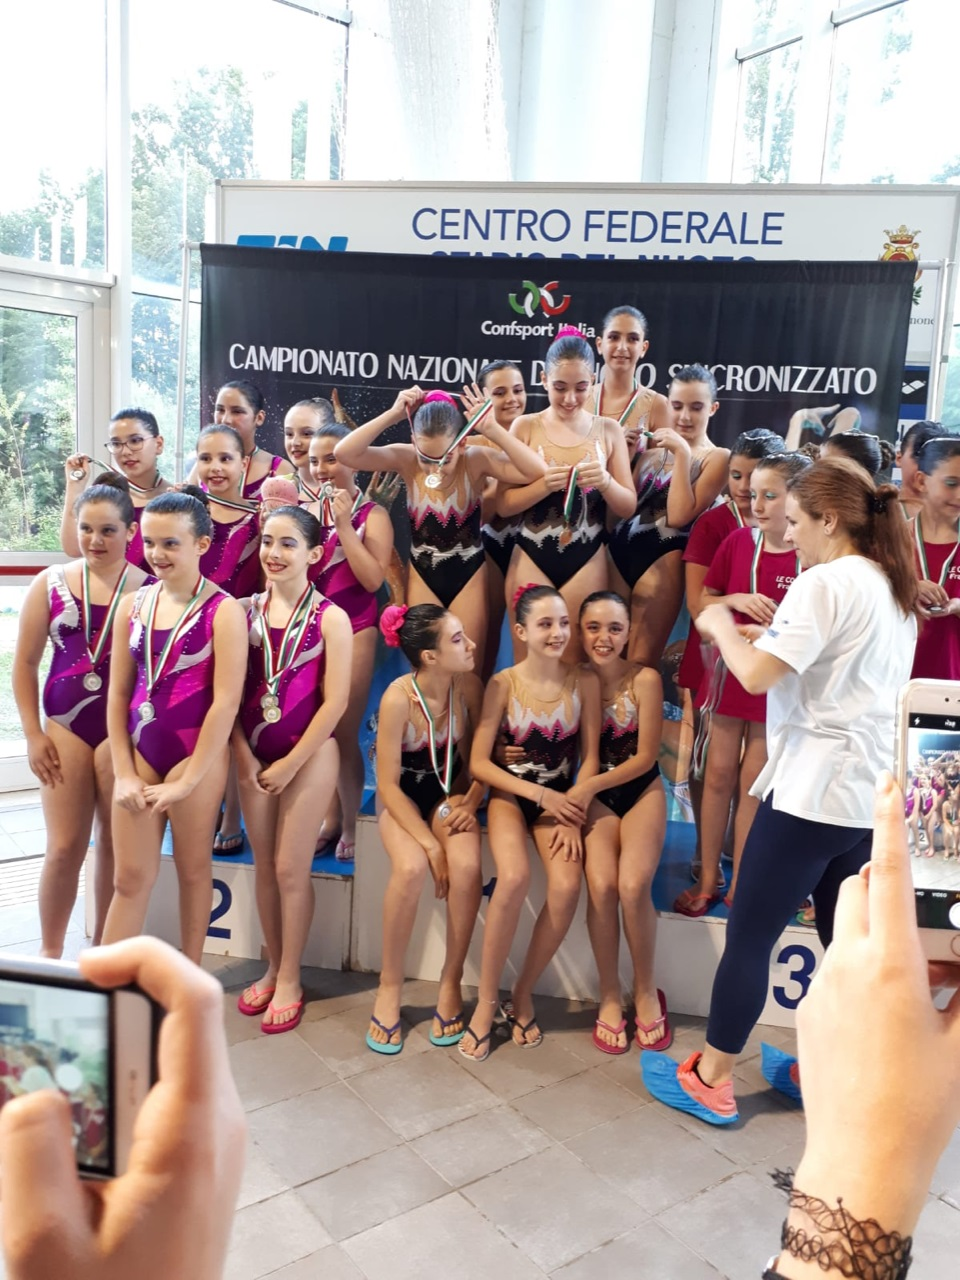 Sincro, Esordienti A e B da applausi al campionato nazionale Confsport di Frosinone